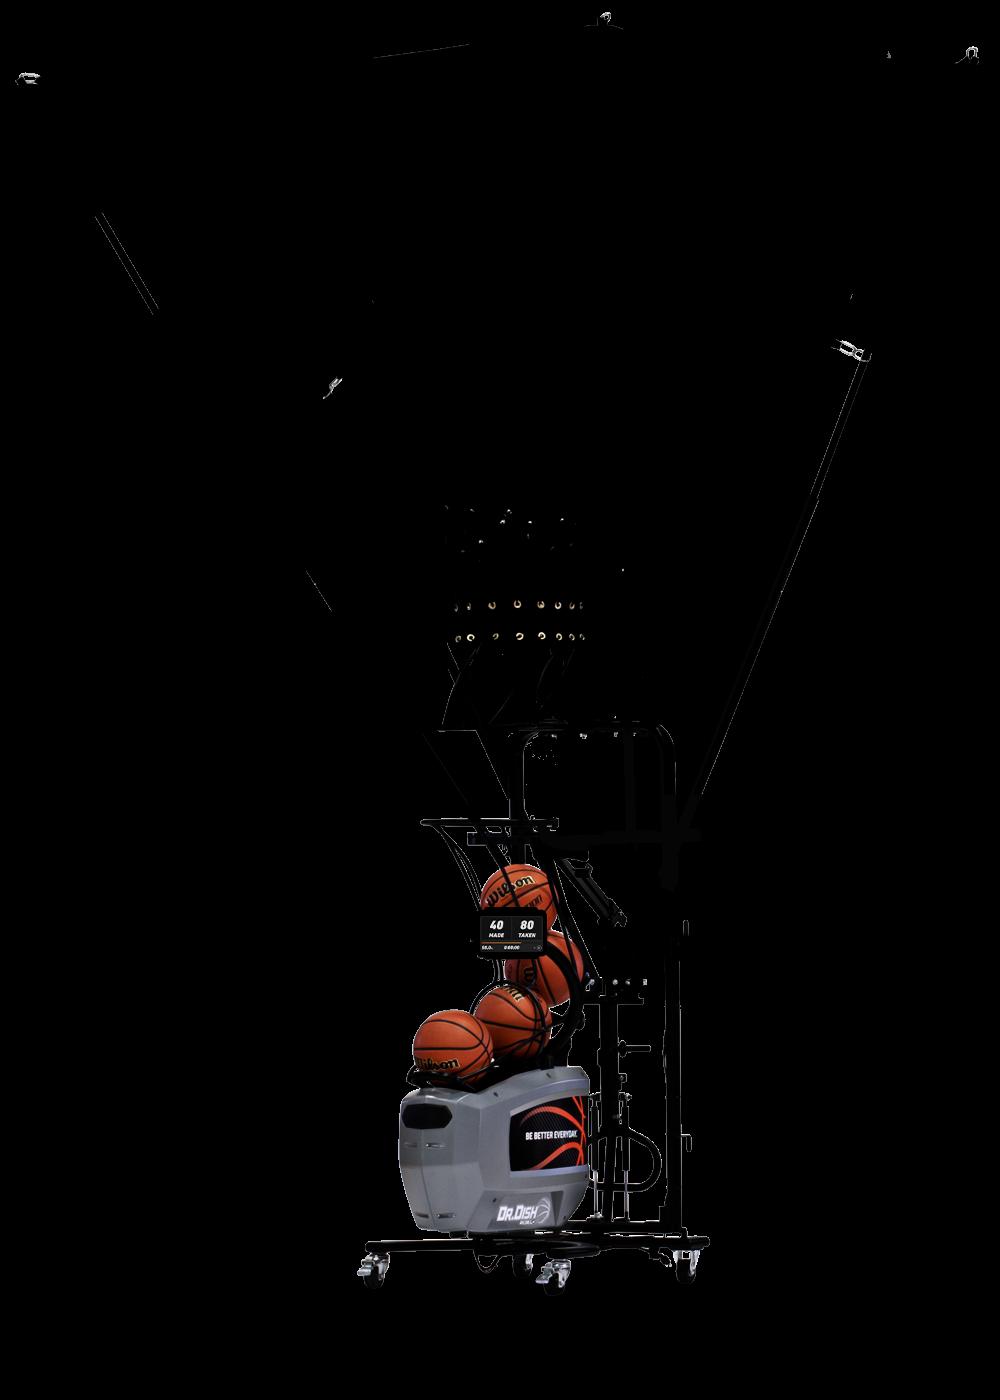 Dr. Dish Rebel+ Basketball Shooting Machine